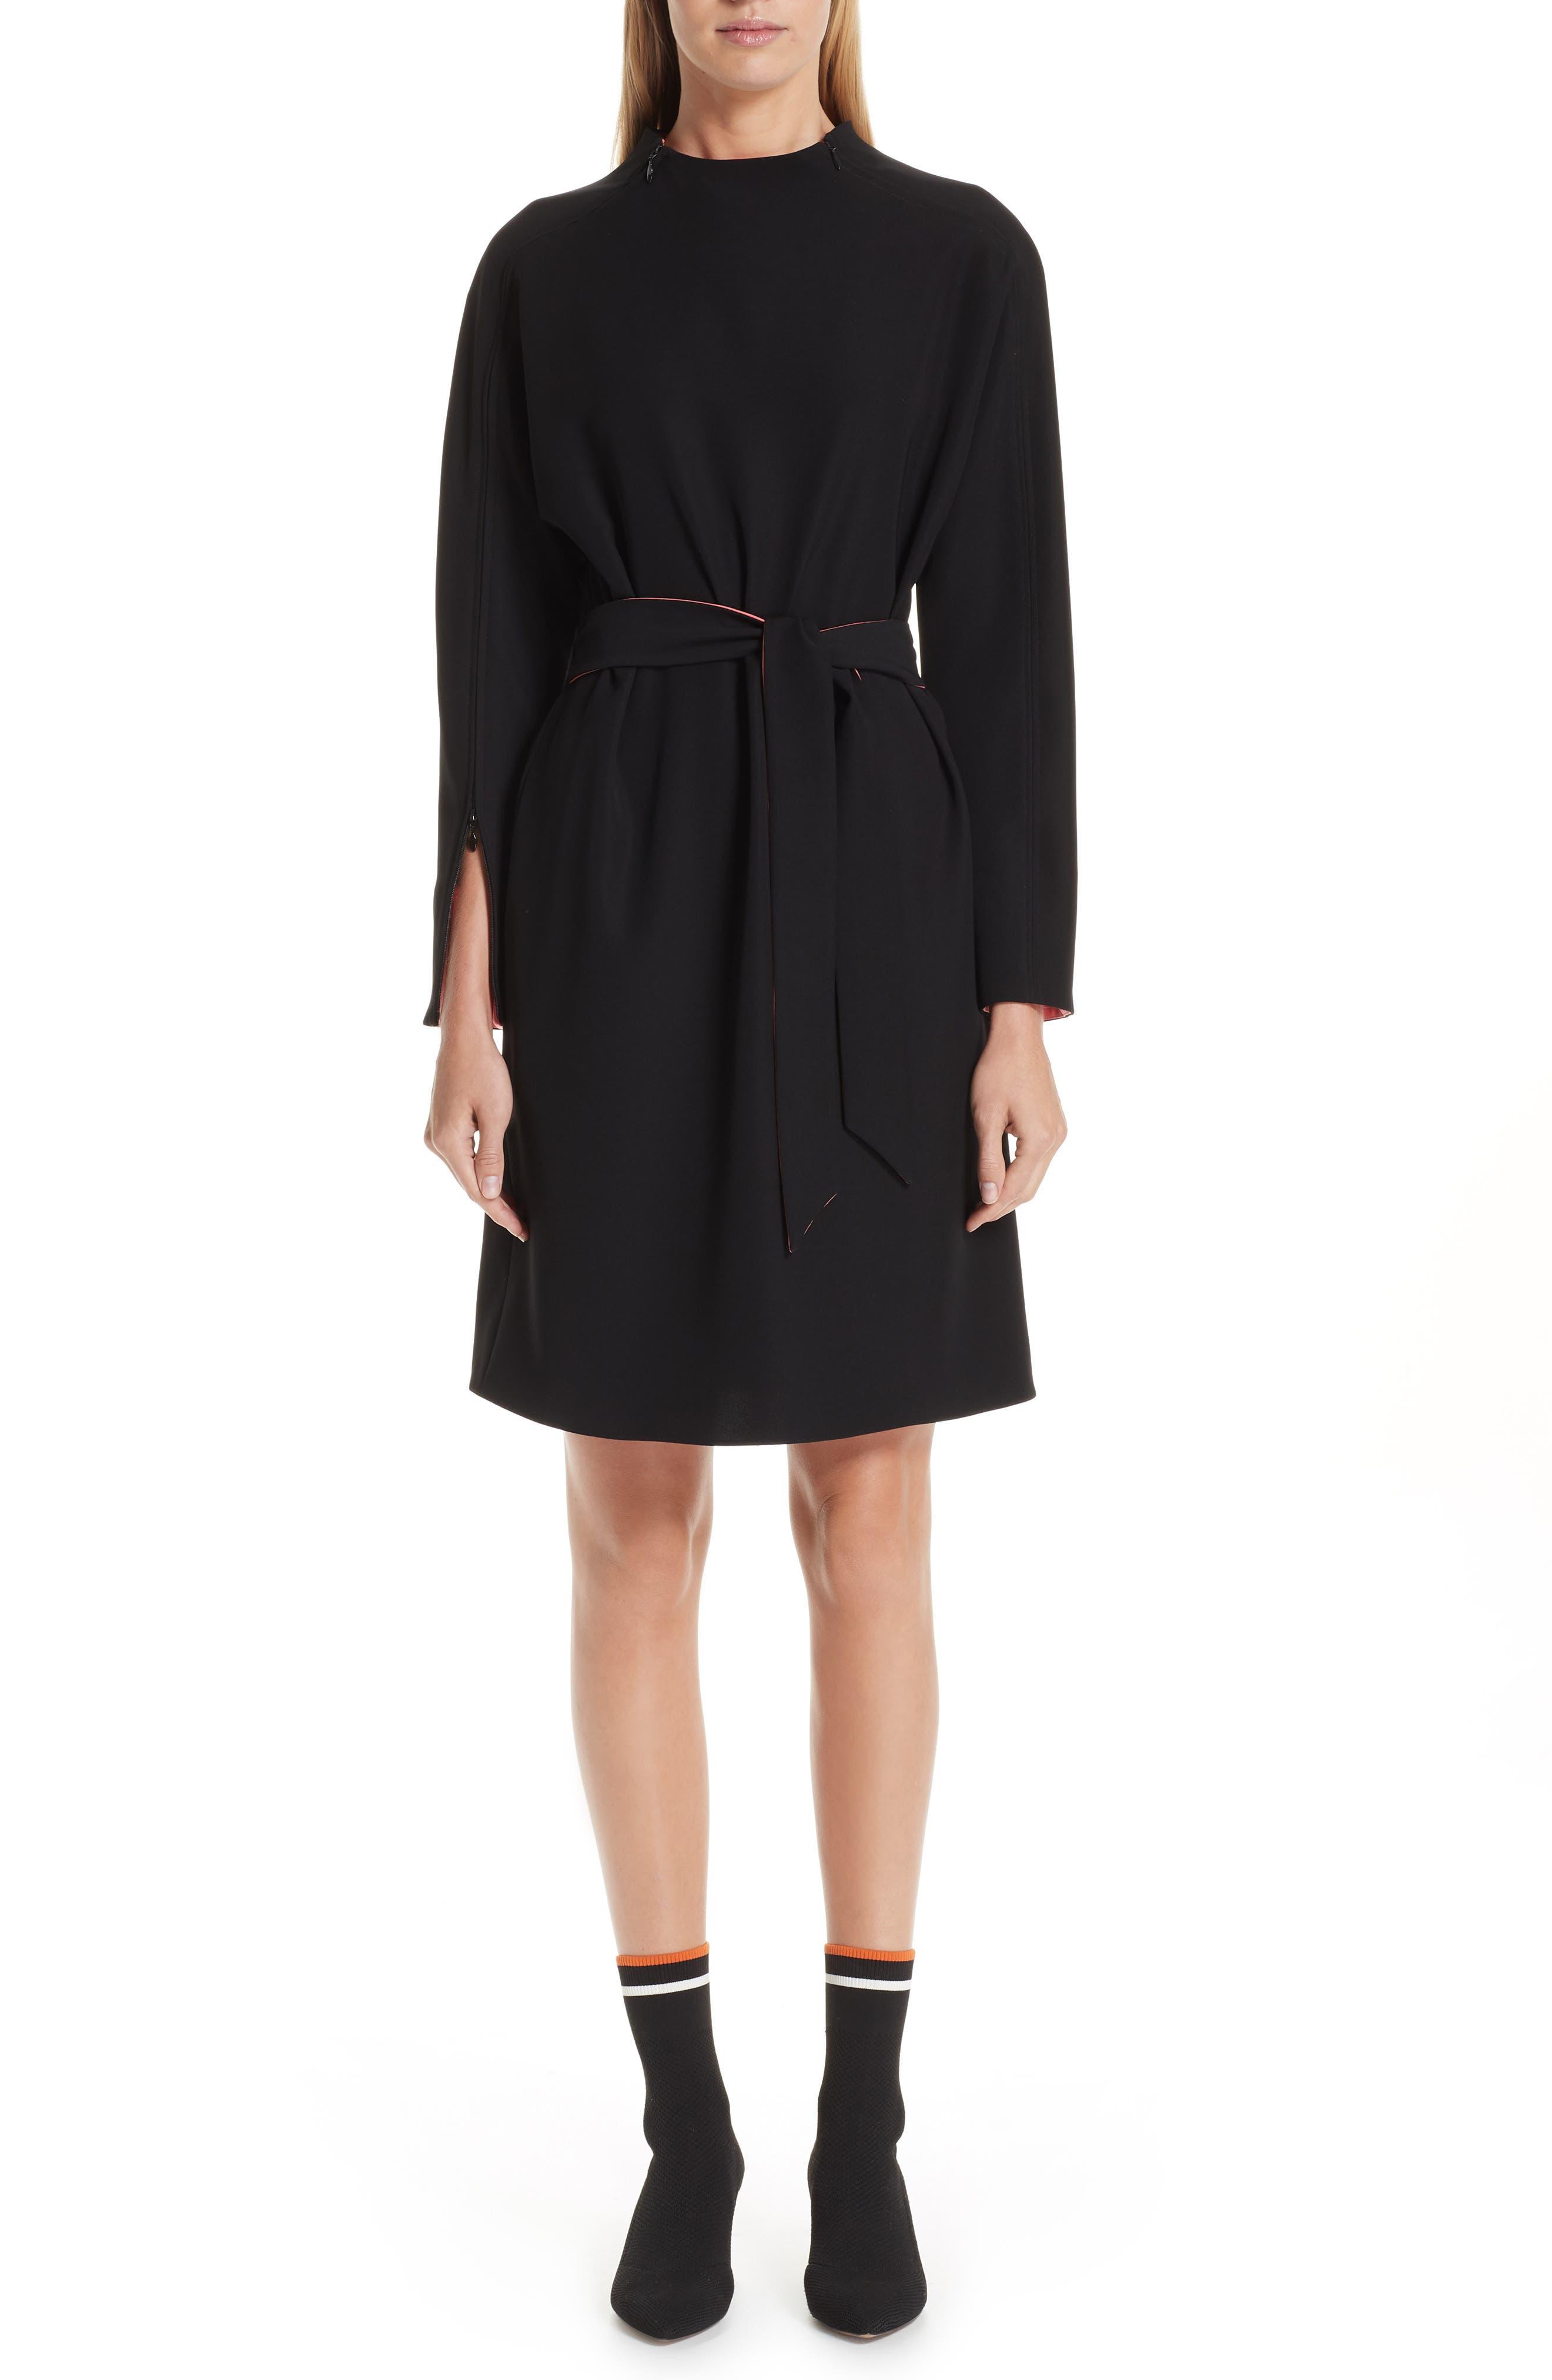 Emporio Armani Woven Dress, US / 42 IT - Black